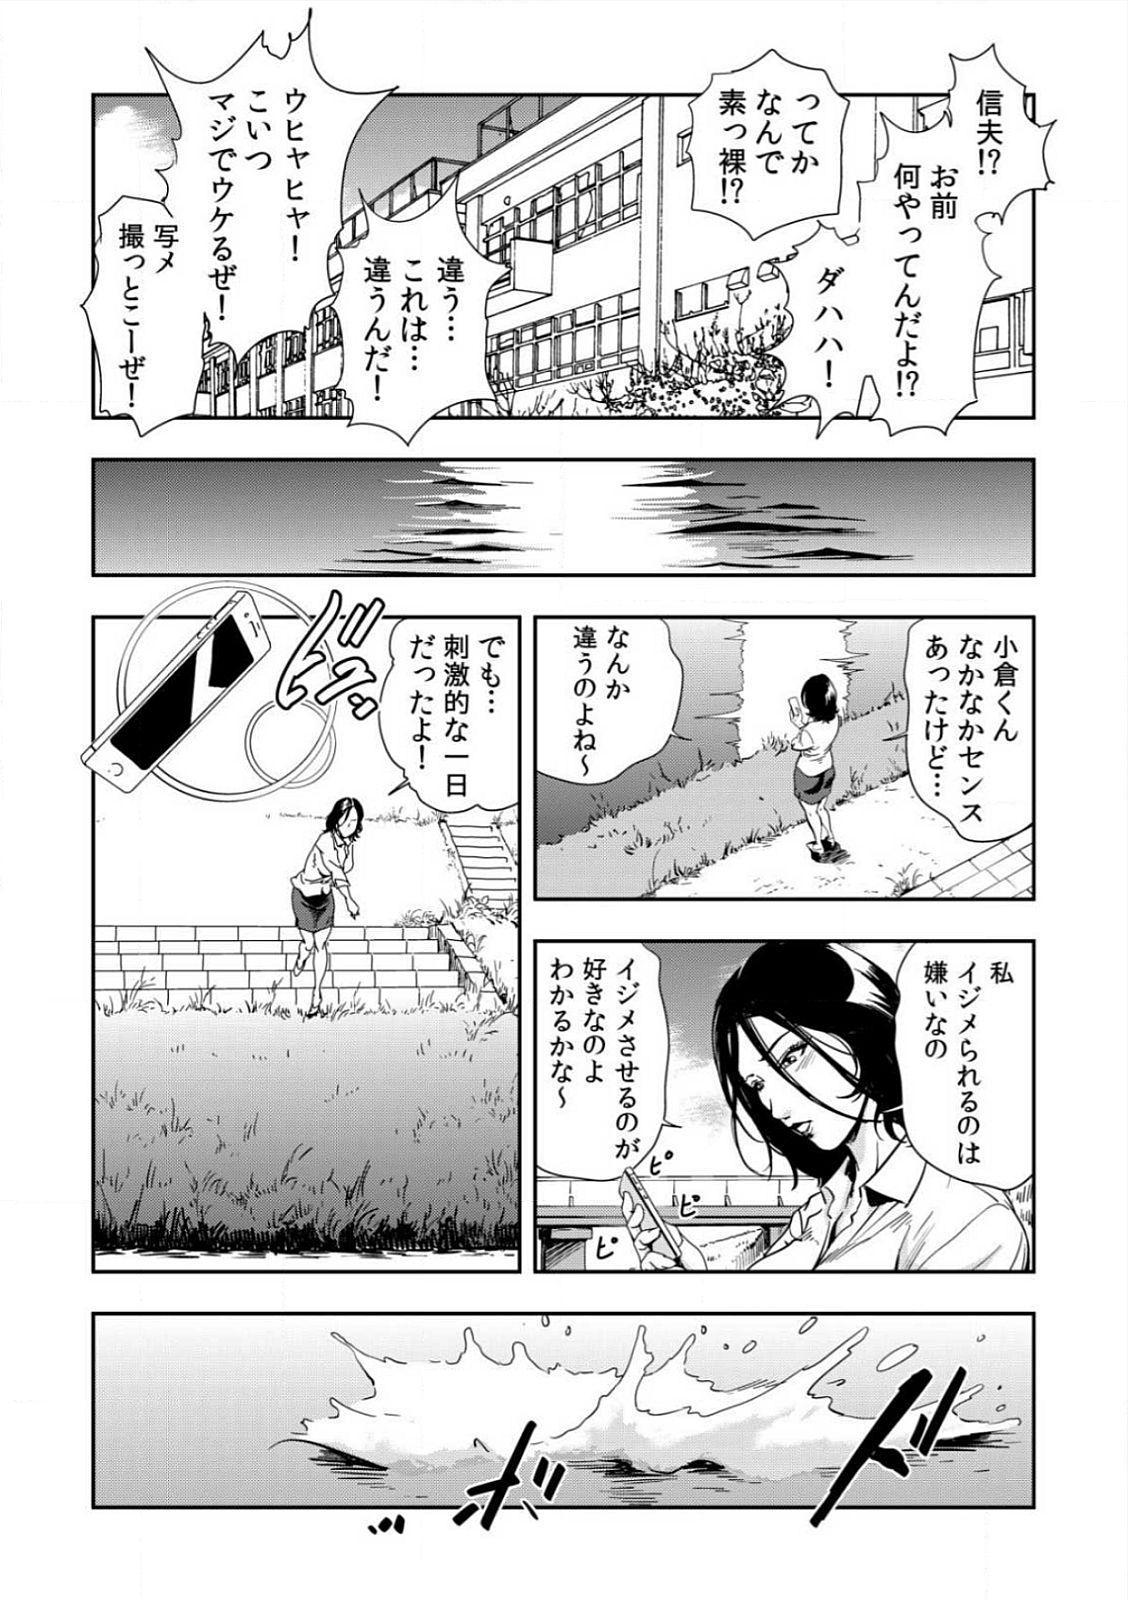 [Misaki Yukihiro] Kyousei Shidou ~Mechakucha ni Kegasarete~ (1)~(6) [Digital] 103